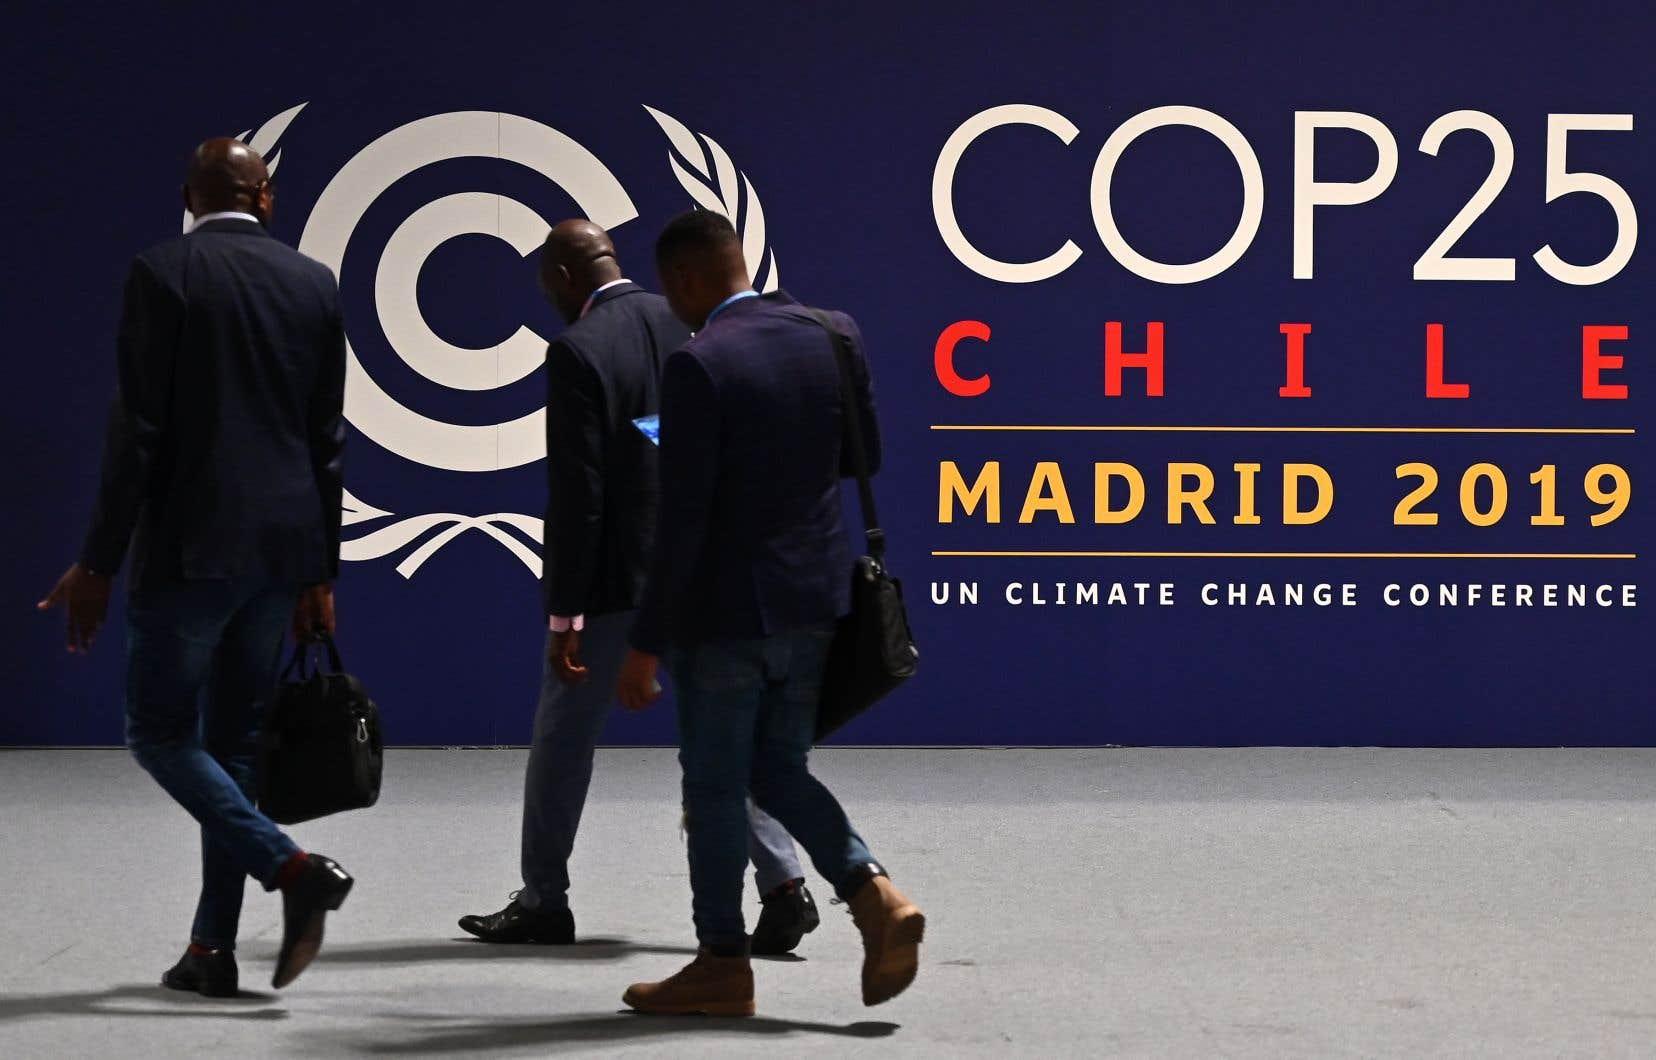 «La COP25 a lieu à un moment charnière de l'histoire, où, plus que jamais, la population se rend compte que la crise climatique, les violations des droits de la personne et les inégalités sont des symptômes d'un même problème», écrivent les auteurs.